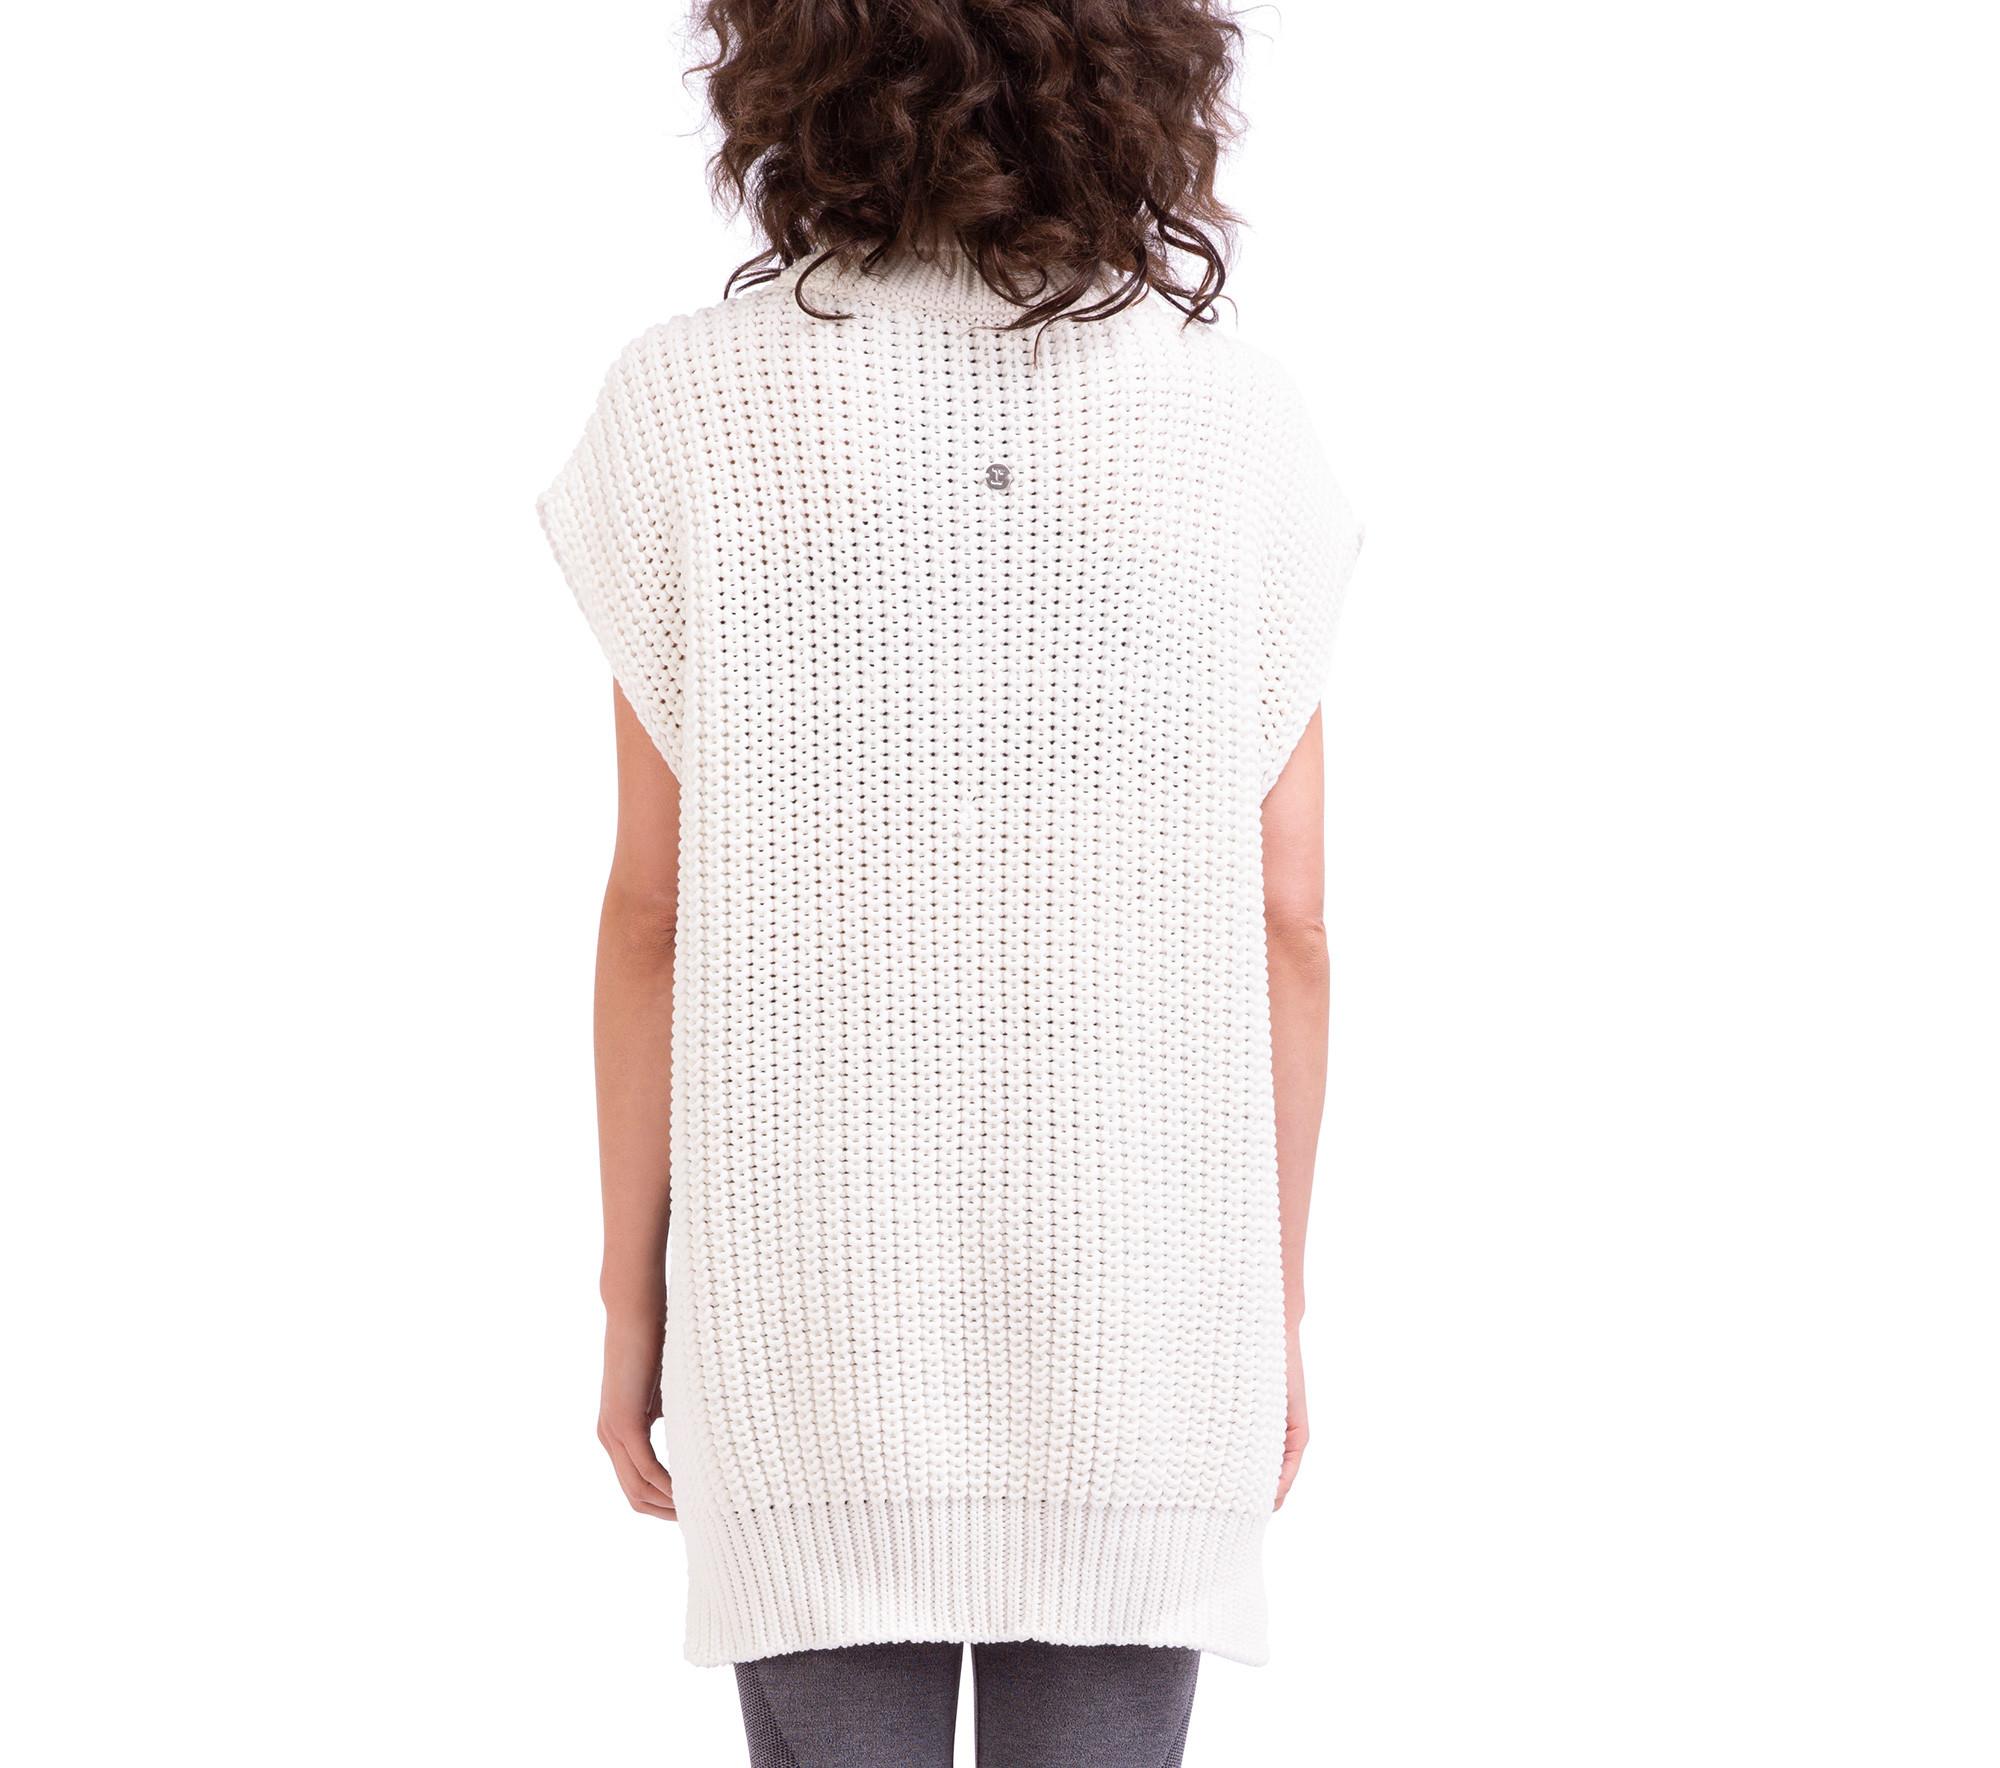 Maglione a poncho in maglia tricot 3D